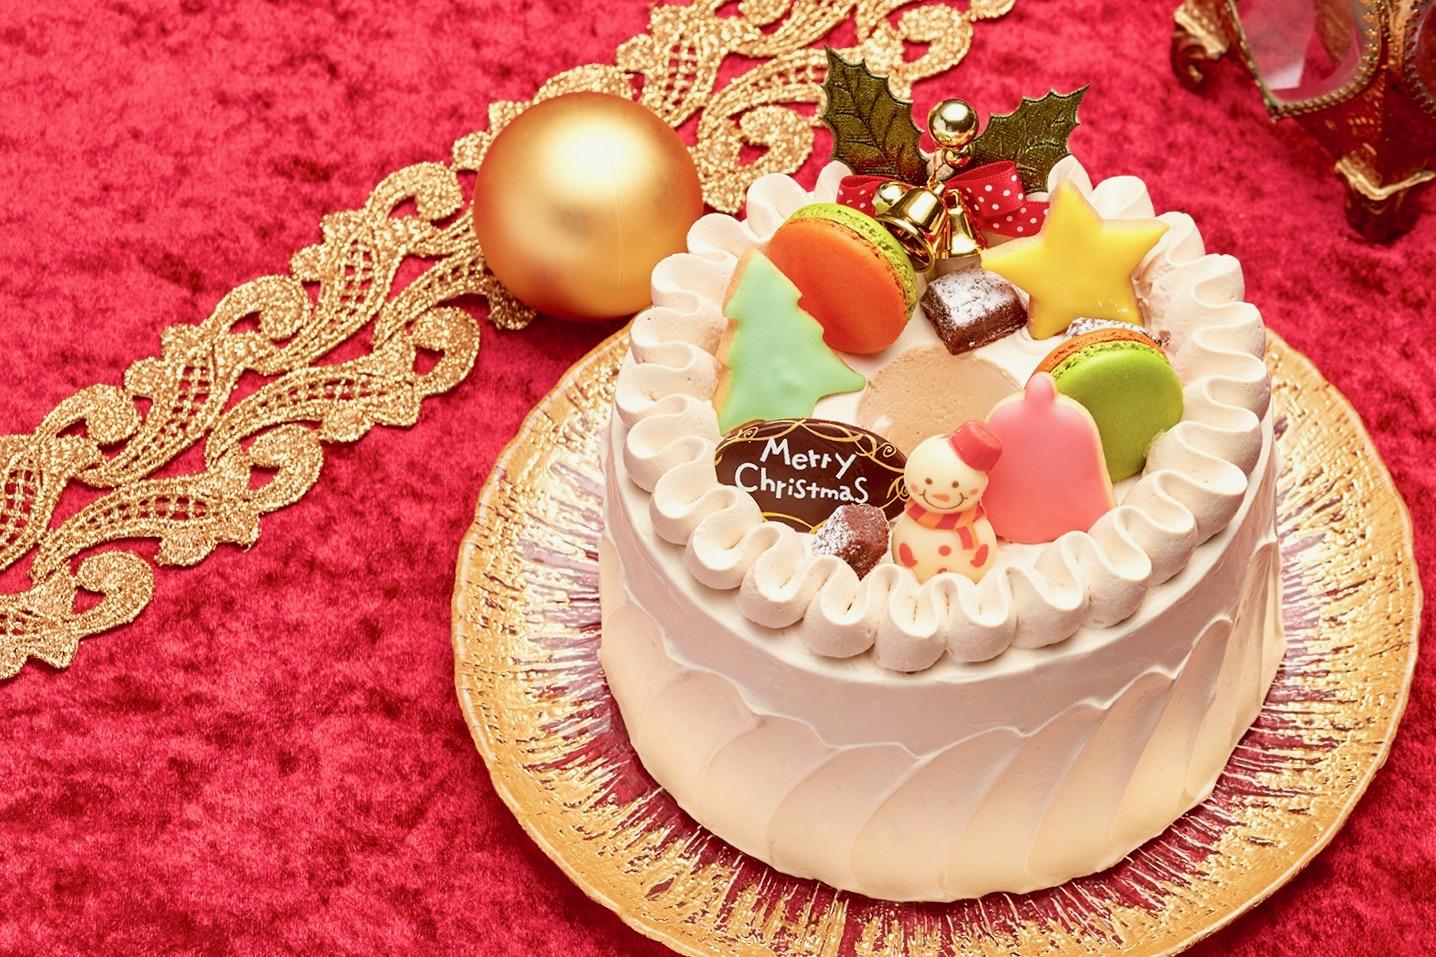 京王プラザホテル多摩のクリスマスケーキ2019 カシュミール